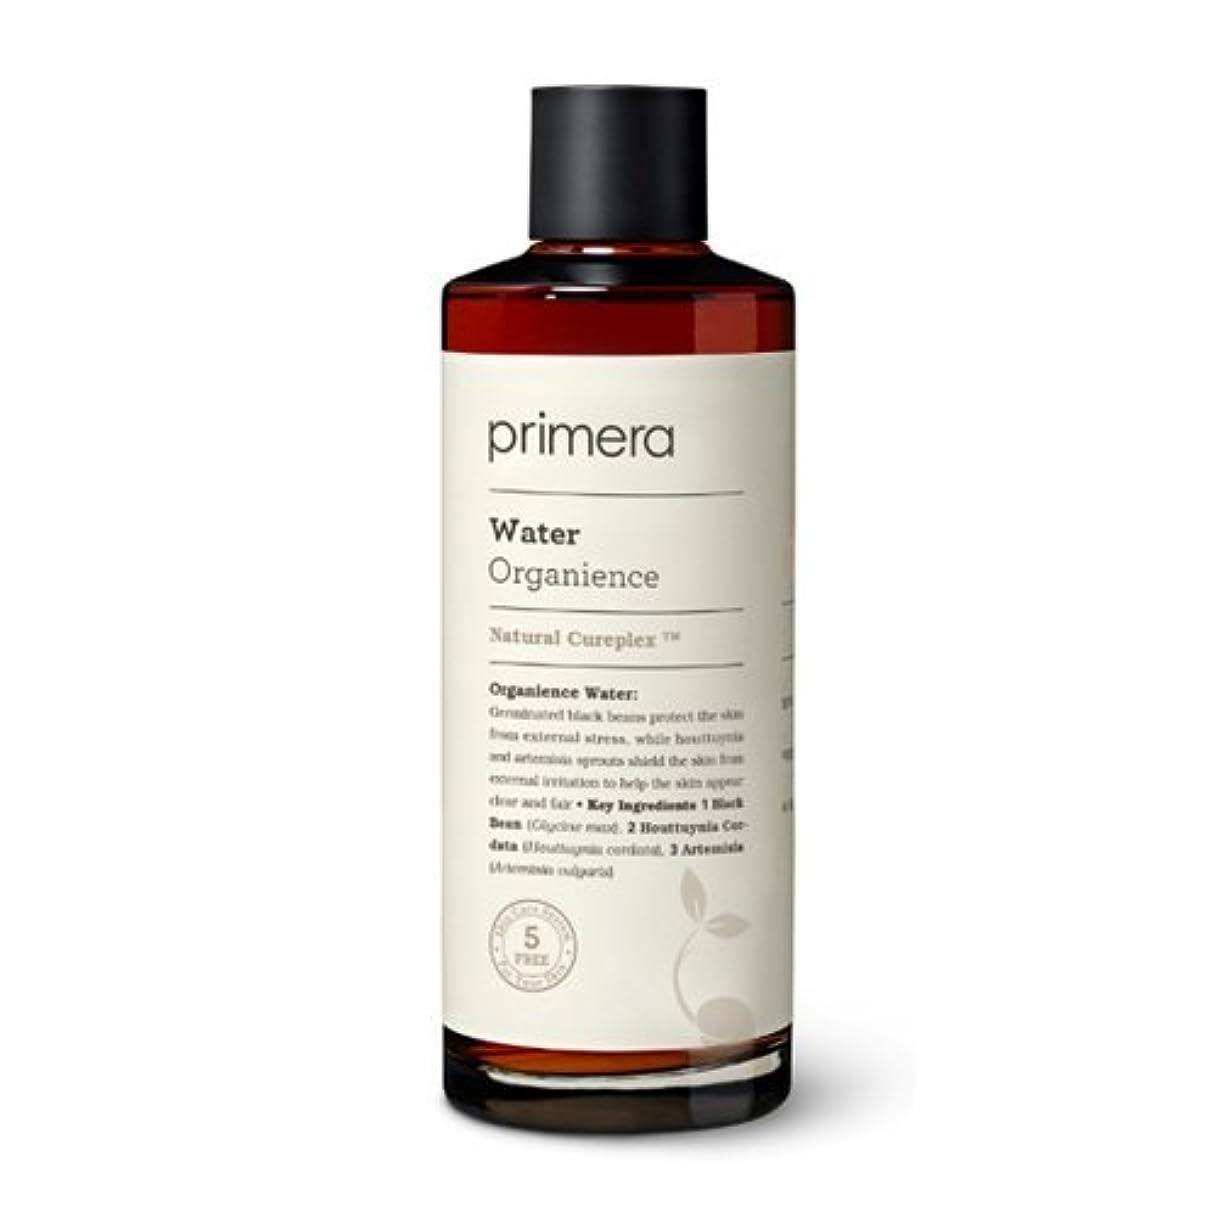 干渉するチケット買い手Primera Technology [プリメーラ]Organience 水 180 Ml [並行輸入品]